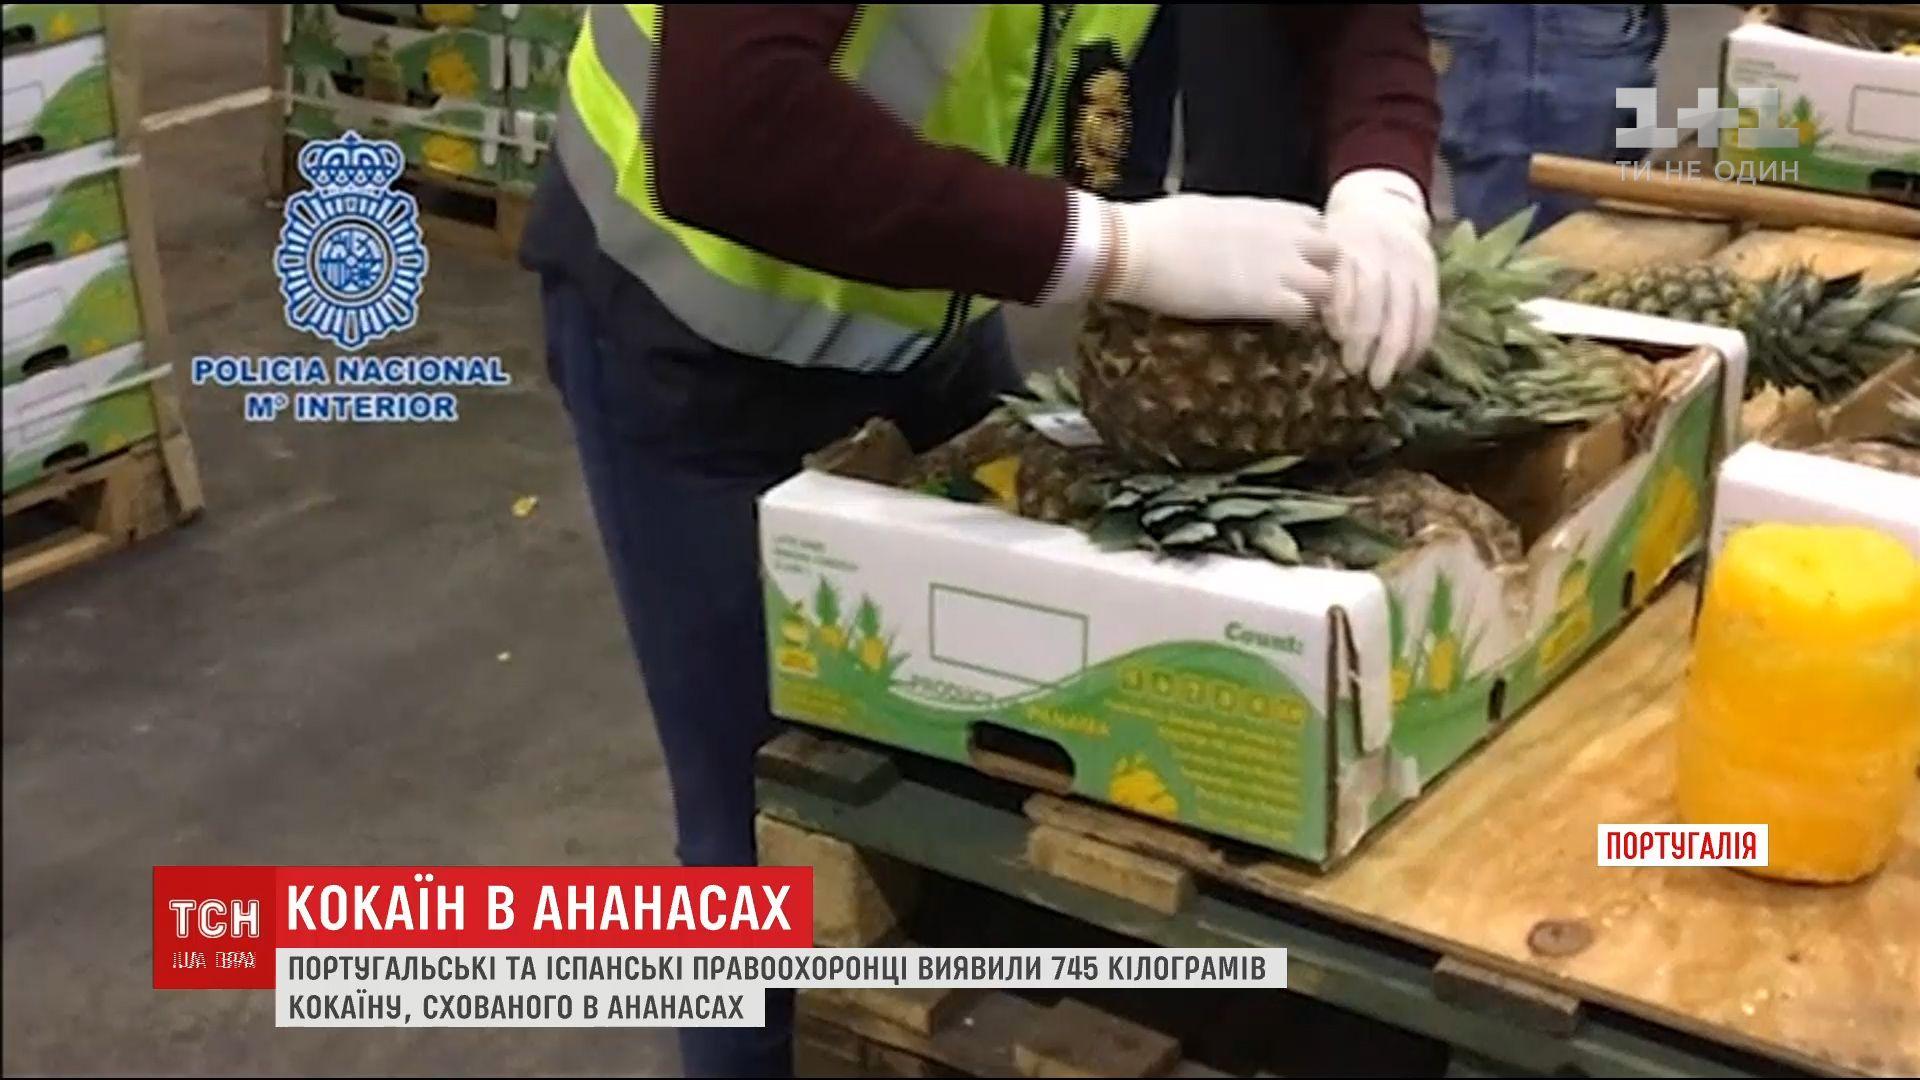 Испанские и португальские правоохранители обнаружили 745 кг кокаина в ананасах / кадр из видео ТСН